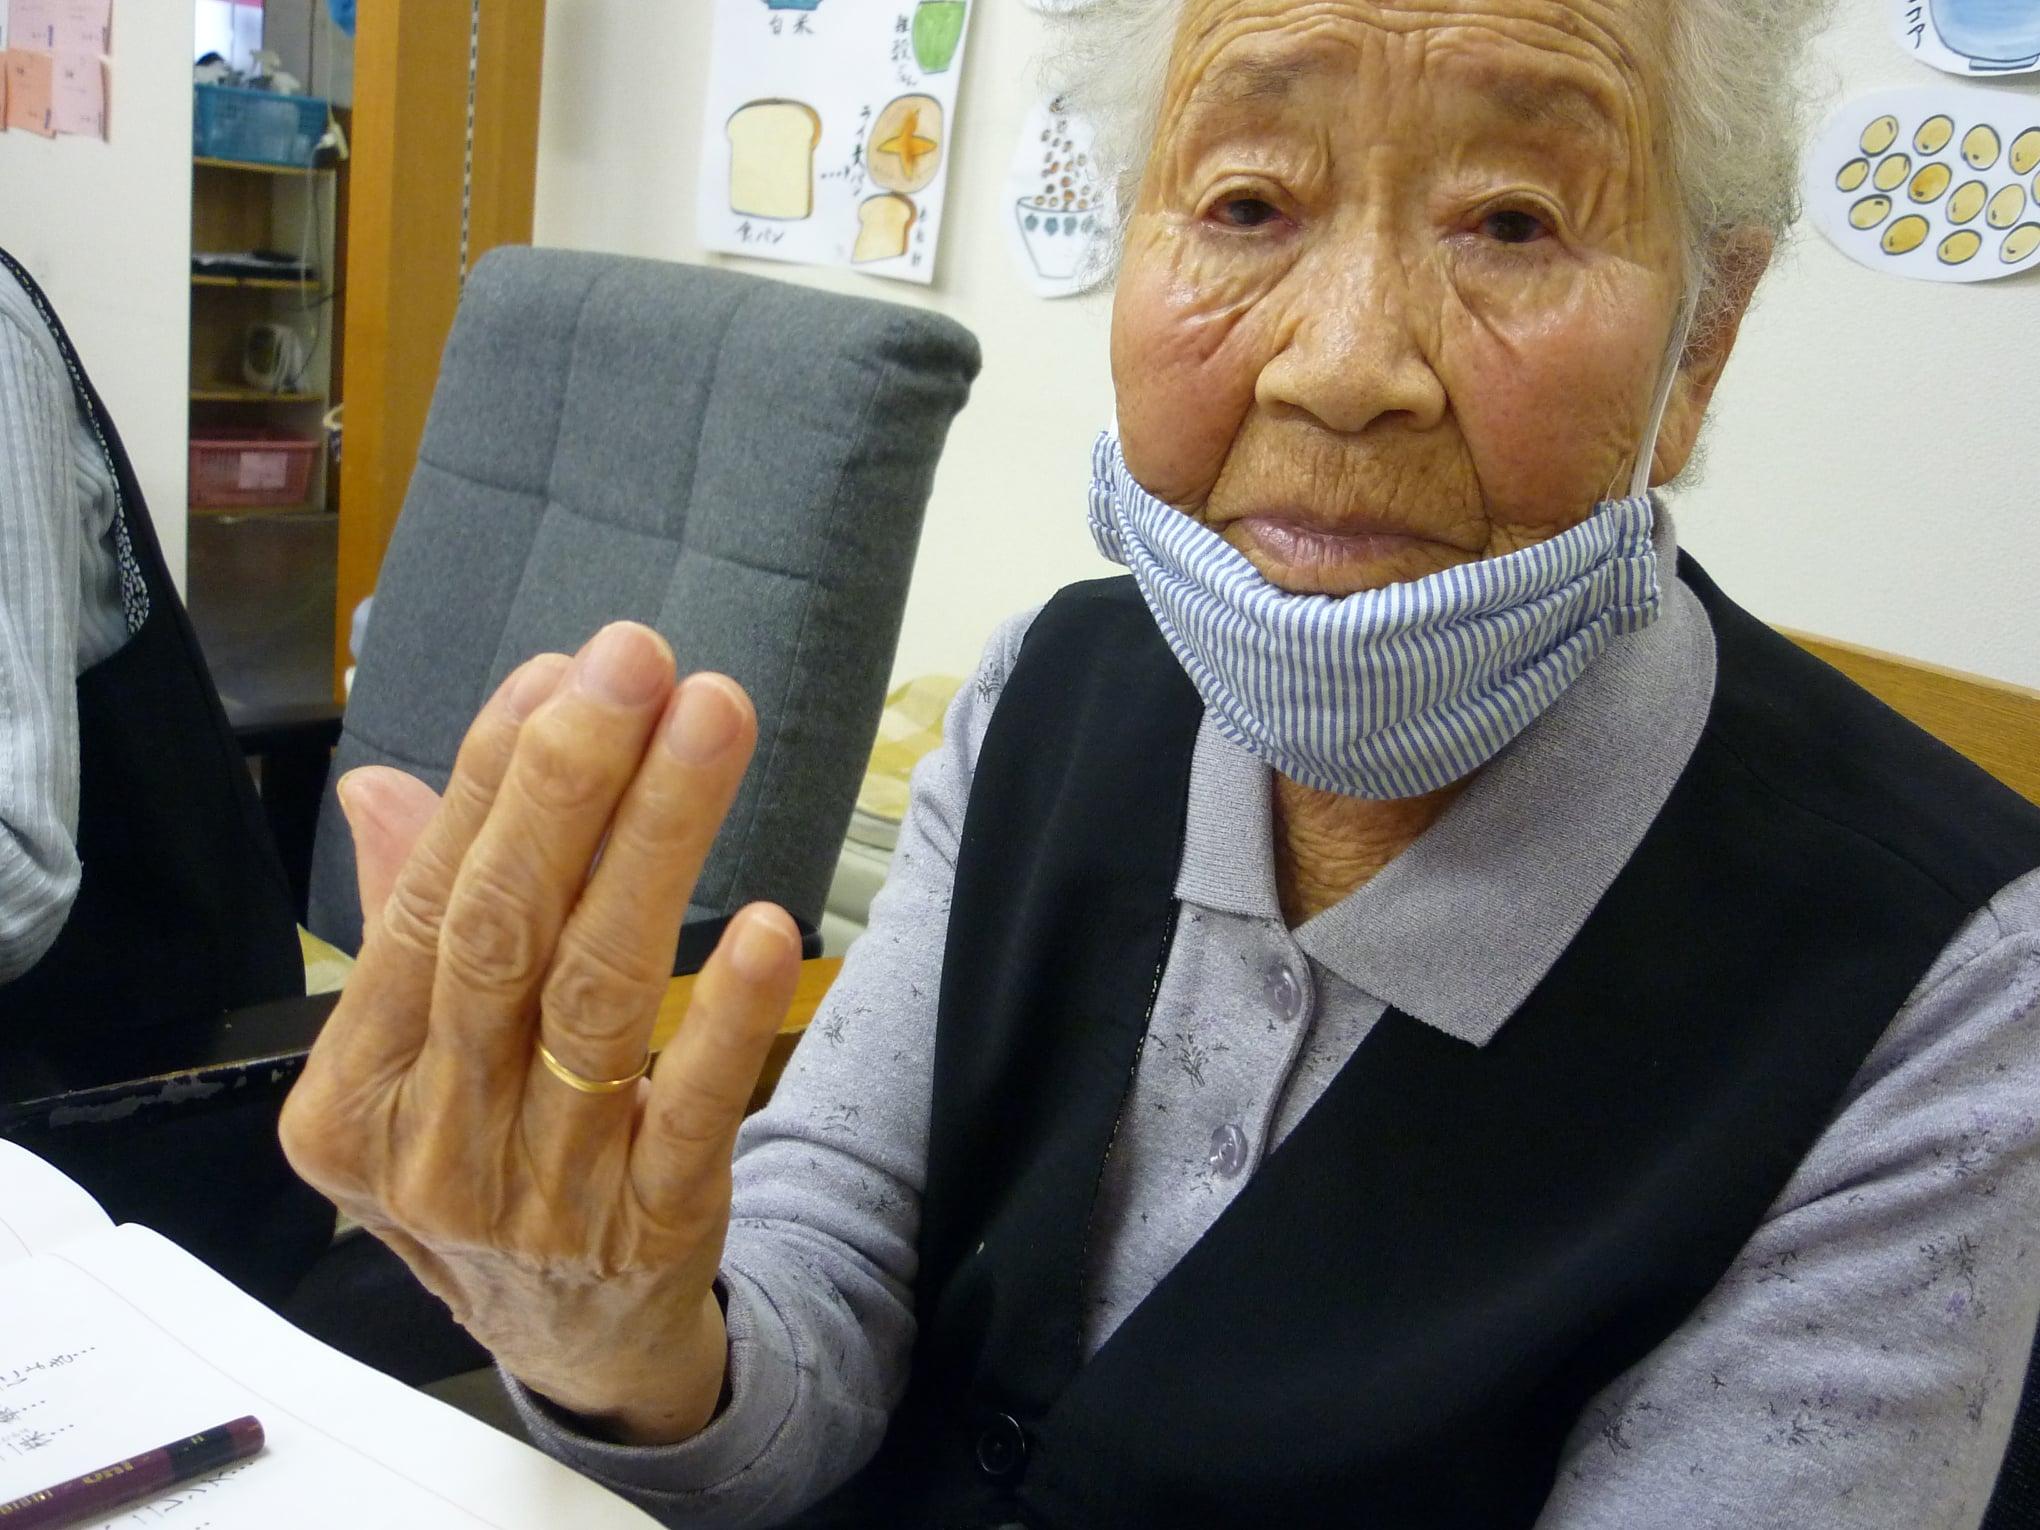 四国中央市 デイサービス喜楽 お喜楽ブログ10月10日 おばあさんのお墓から (喜楽太郎のFacebookより)